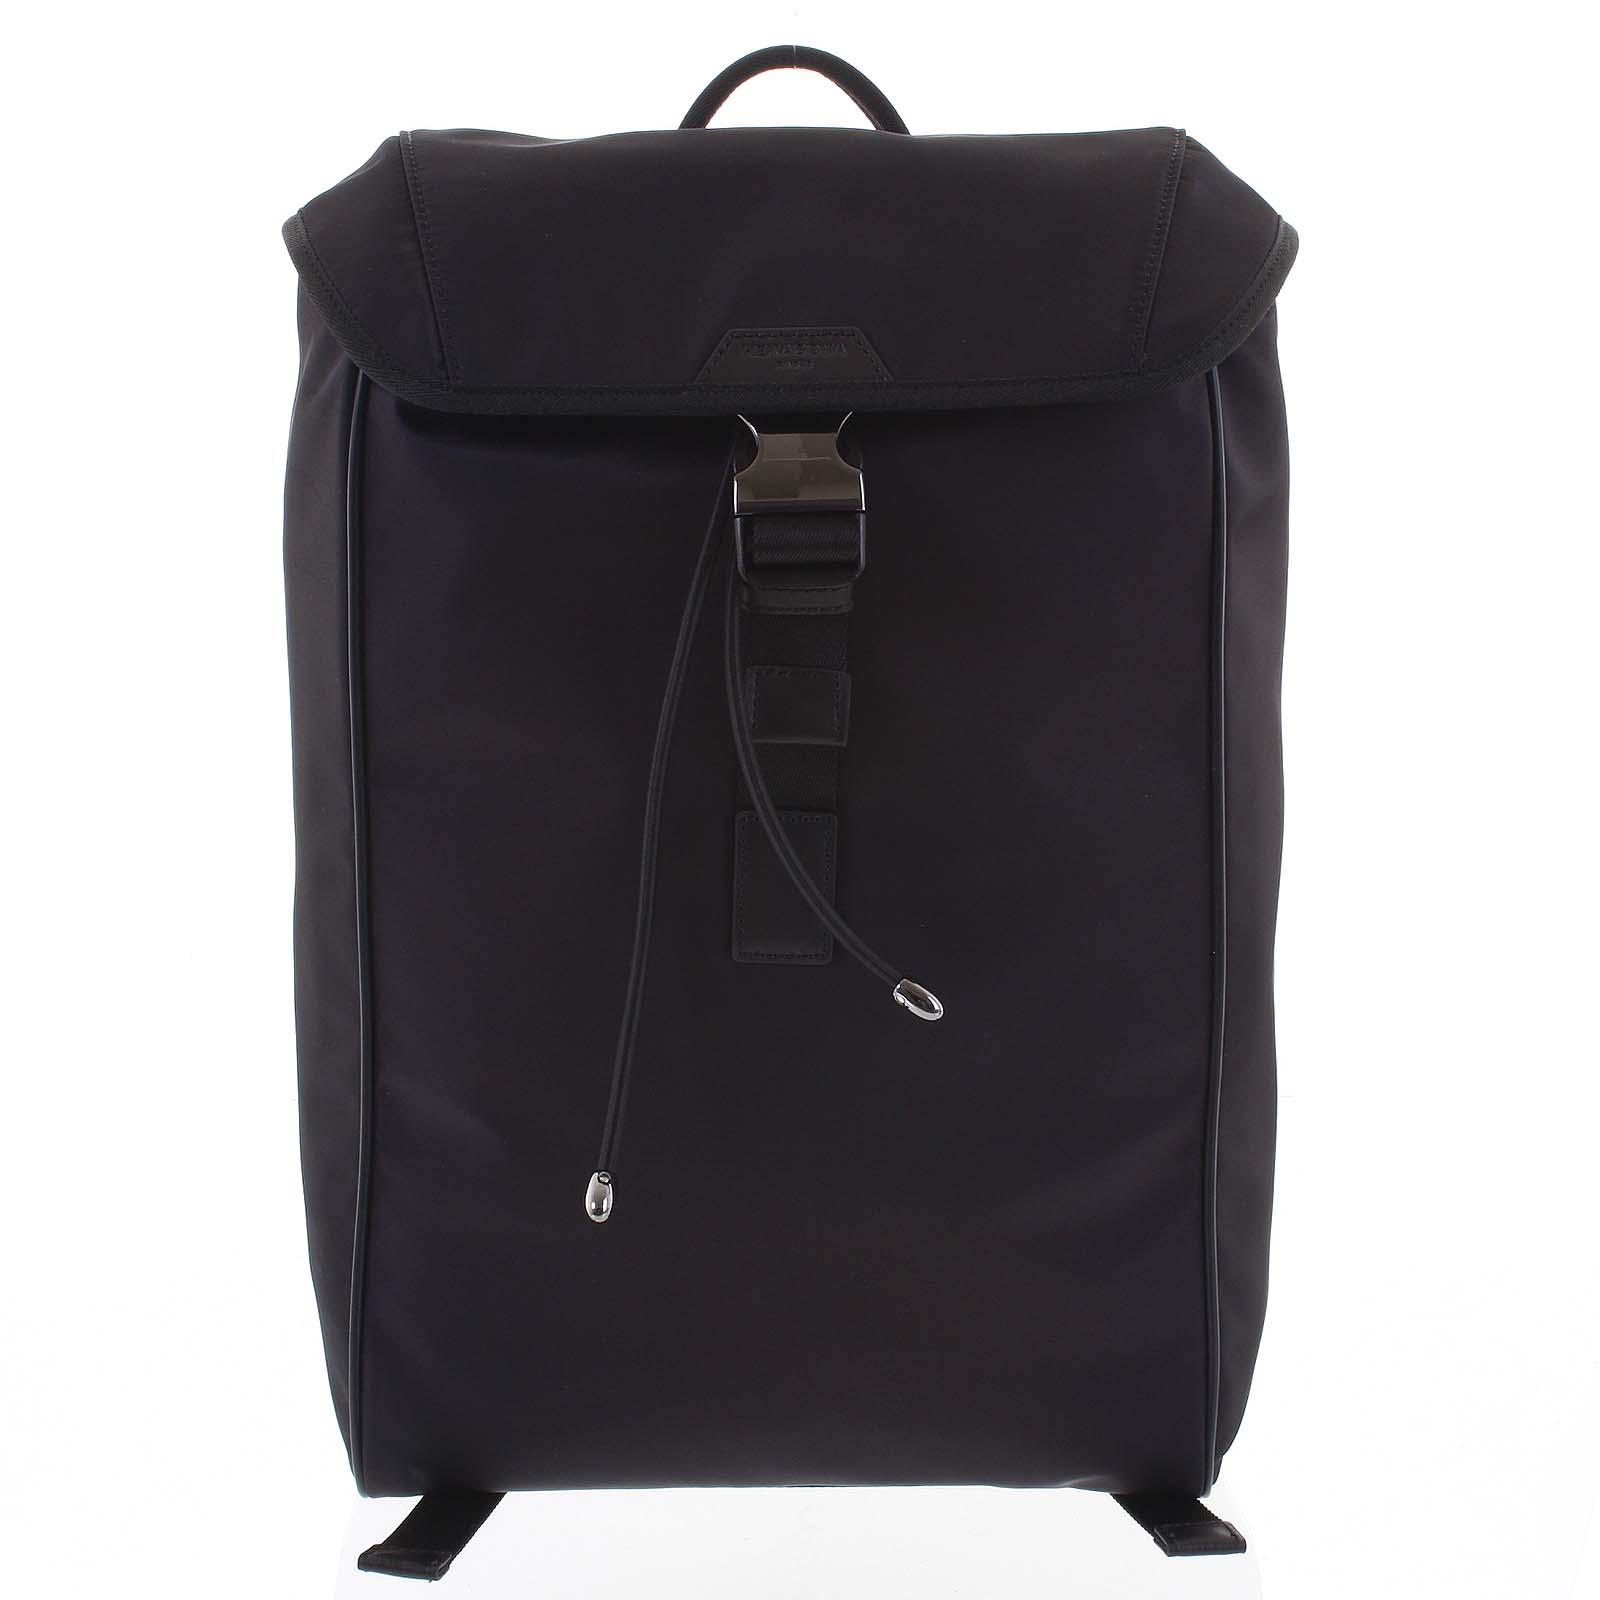 Veľký batoh na notebook čierny - Hexagona Bankey